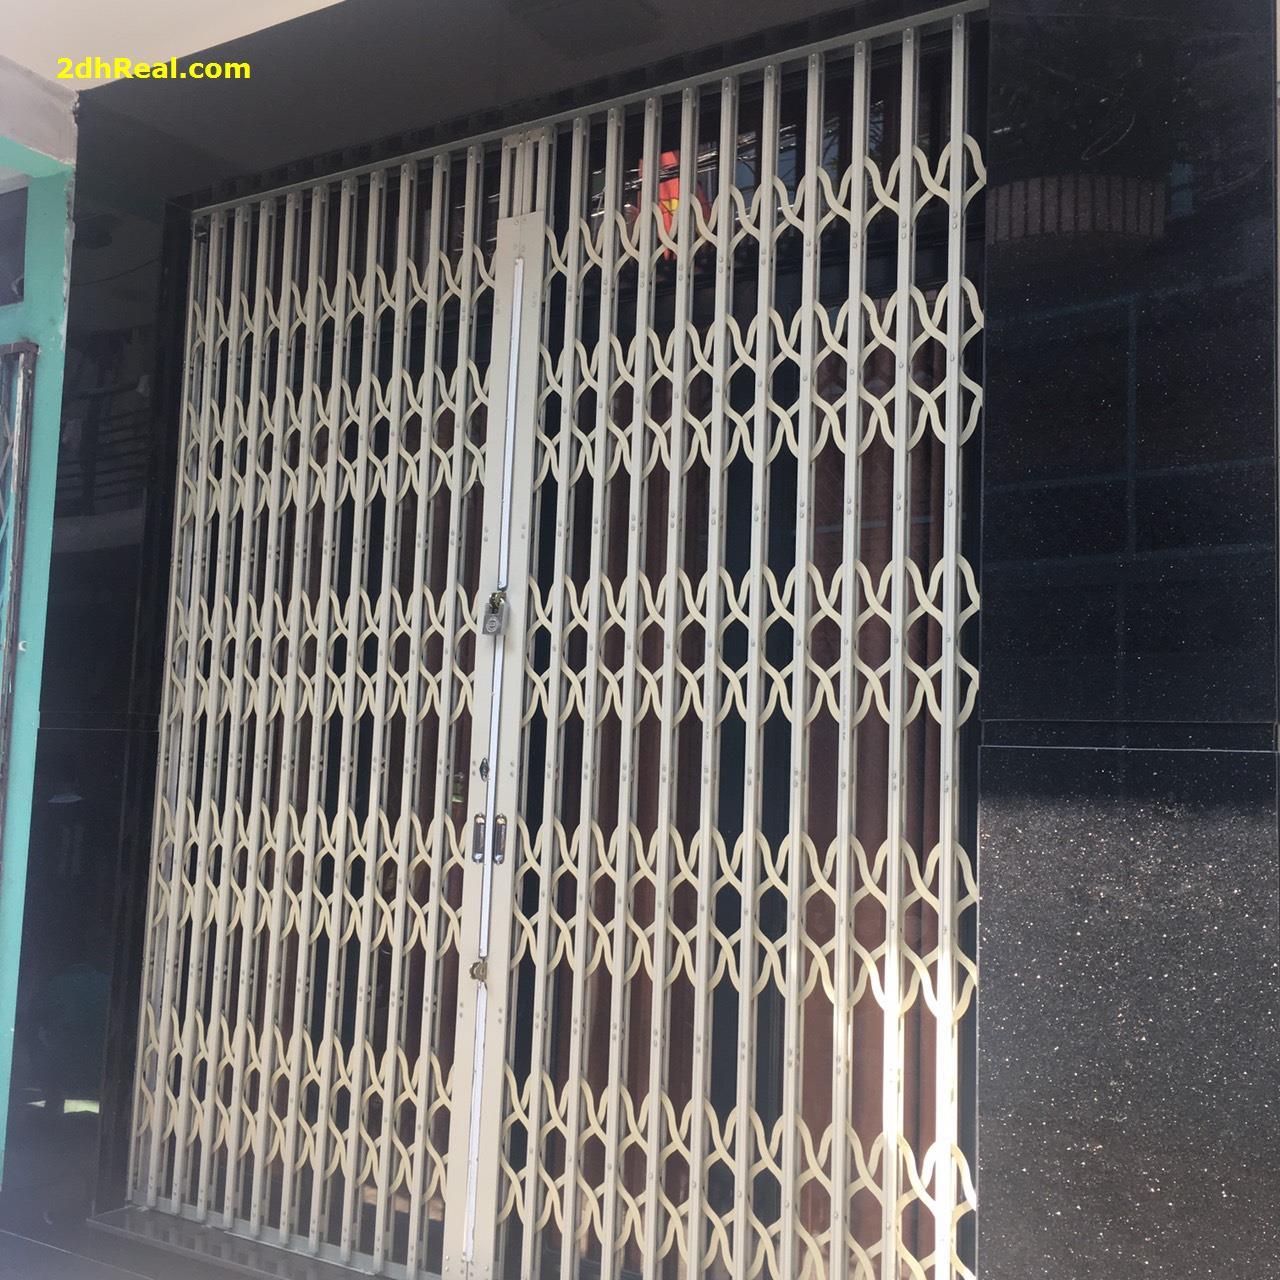 Bán nhà # 44m2 # Tân Bình # Phường 10 # Lạc Long Quân # 2,95 tỷ LH 0908781675.